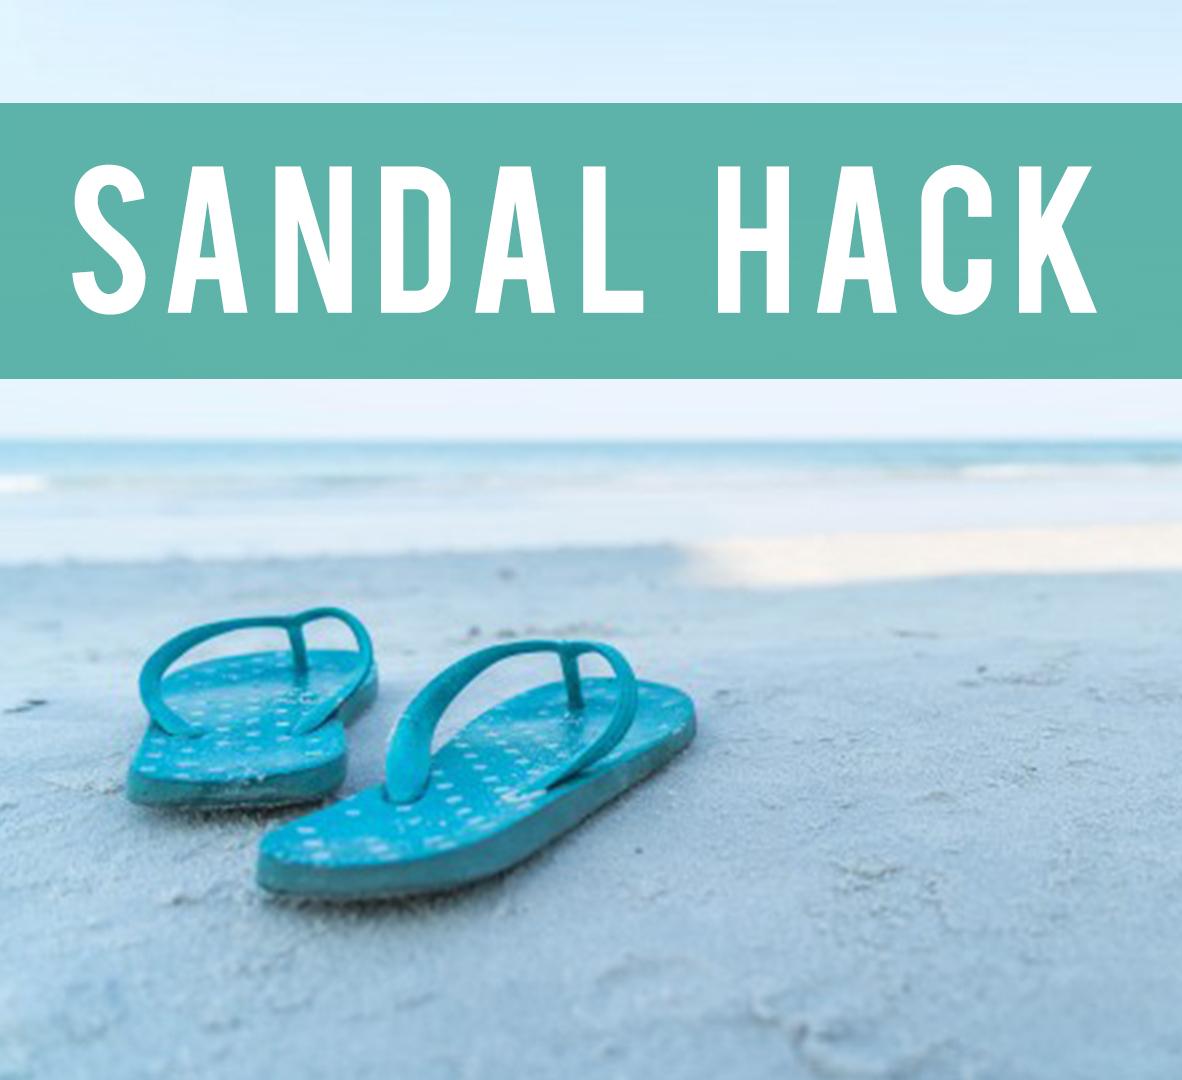 Sandal Hack